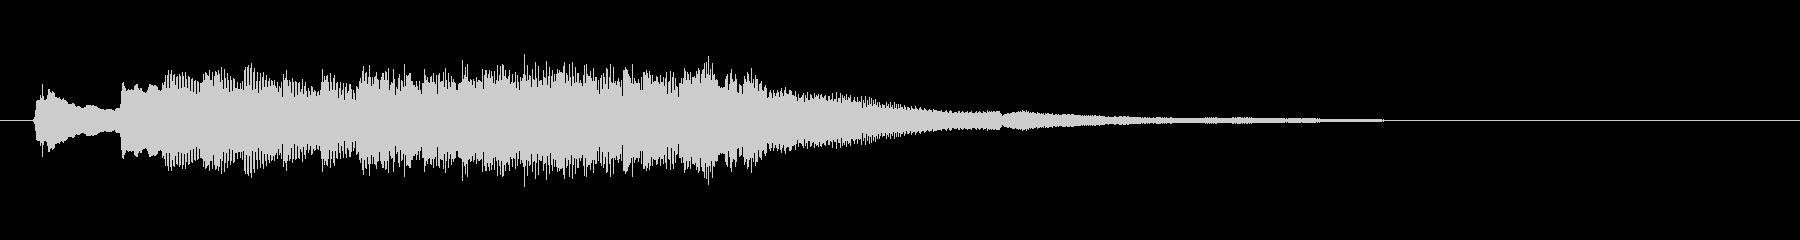 パンフルートとハープのジングルの未再生の波形